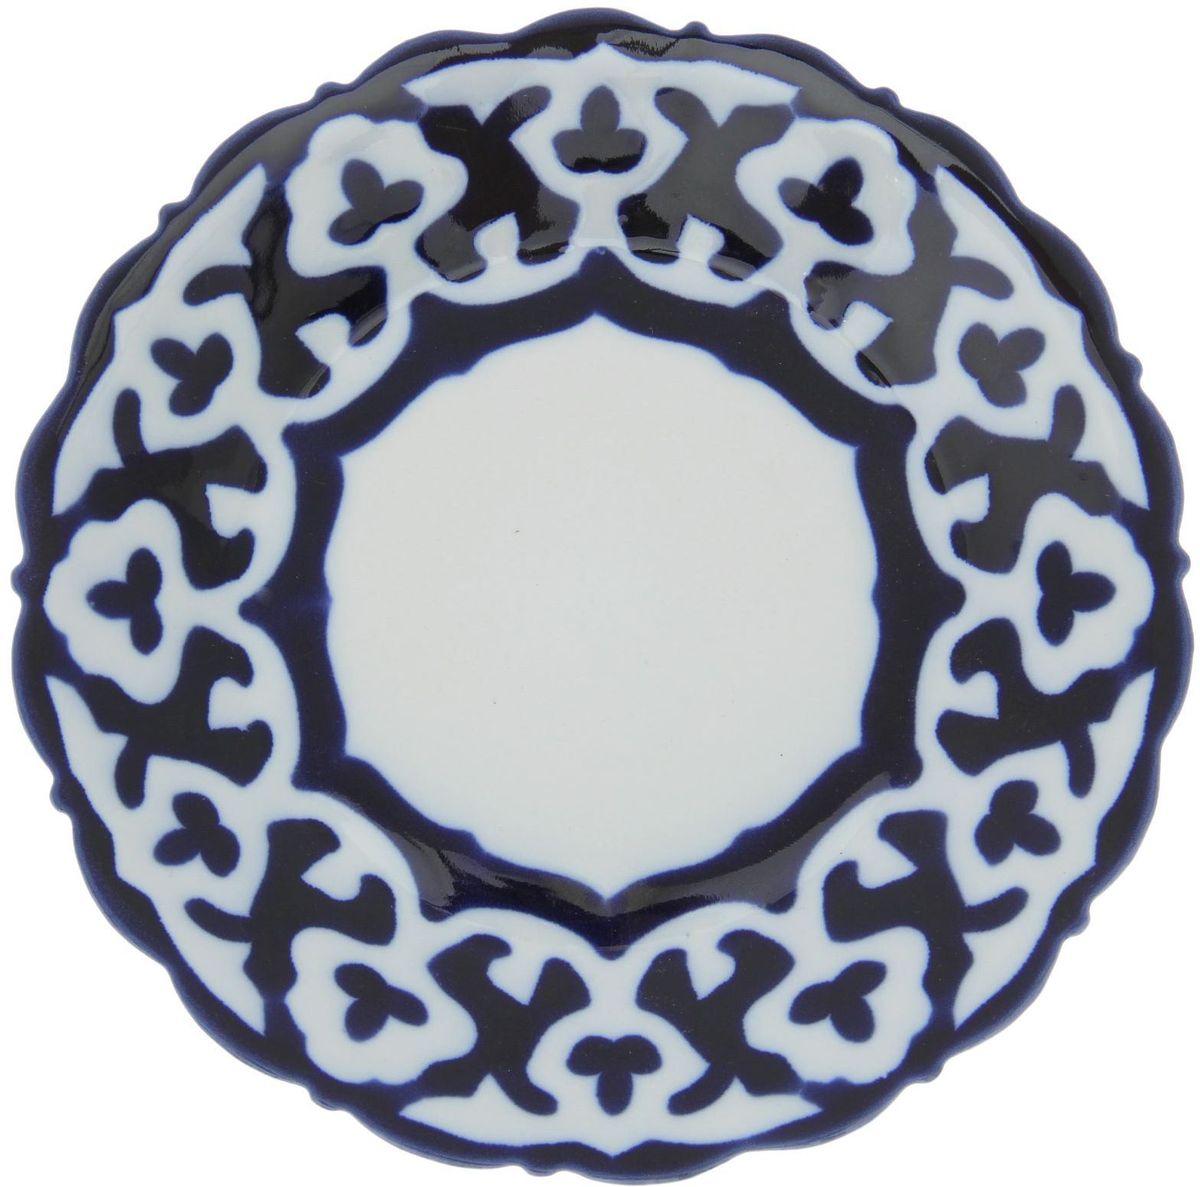 Тарелка Turon Porcelain Пахта, цвет: белый, синий, диаметр 17,5 см1386445Узбекская посуда известна всему миру уже более тысячи лет. Ей любовались царские особы, на ней подавали еду для шейхов и знатных персон. Формулы красок и глазури передаются из поколения в поколение. По сей день качественные расписные изделия продолжают восхищать совершенством и завораживающей красотой.Данный предмет подойдёт для повседневной и праздничной сервировки. Дополните стол текстилем и салфетками в тон, чтобы получить элегантное убранство с яркими акцентами.Национальная узбекская роспись «Пахта» сдержанна и благородна. Витиеватые узоры выводятся тонкой кистью, а фон заливается кобальтом. Синий краситель при обжиге слегка растекается и придаёт контуру изображений голубой оттенок. Густая глазурь наносится толстым слоем, благодаря чему рисунок мерцает.